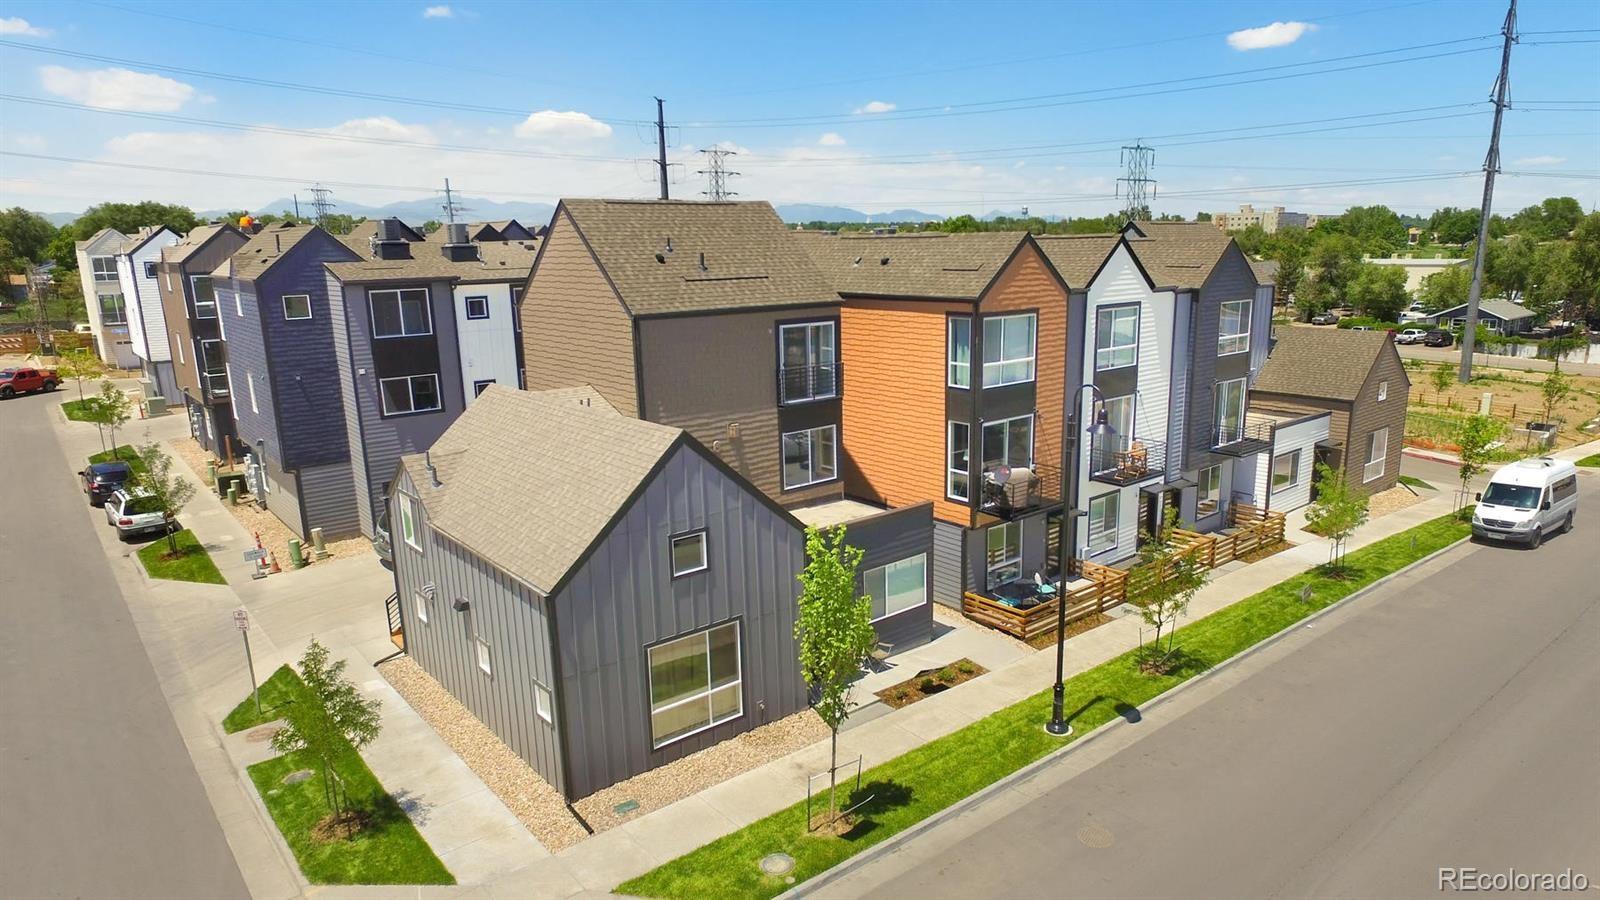 MLS# 6093130 - 3 - 1072 Depew Street, Lakewood, CO 80214